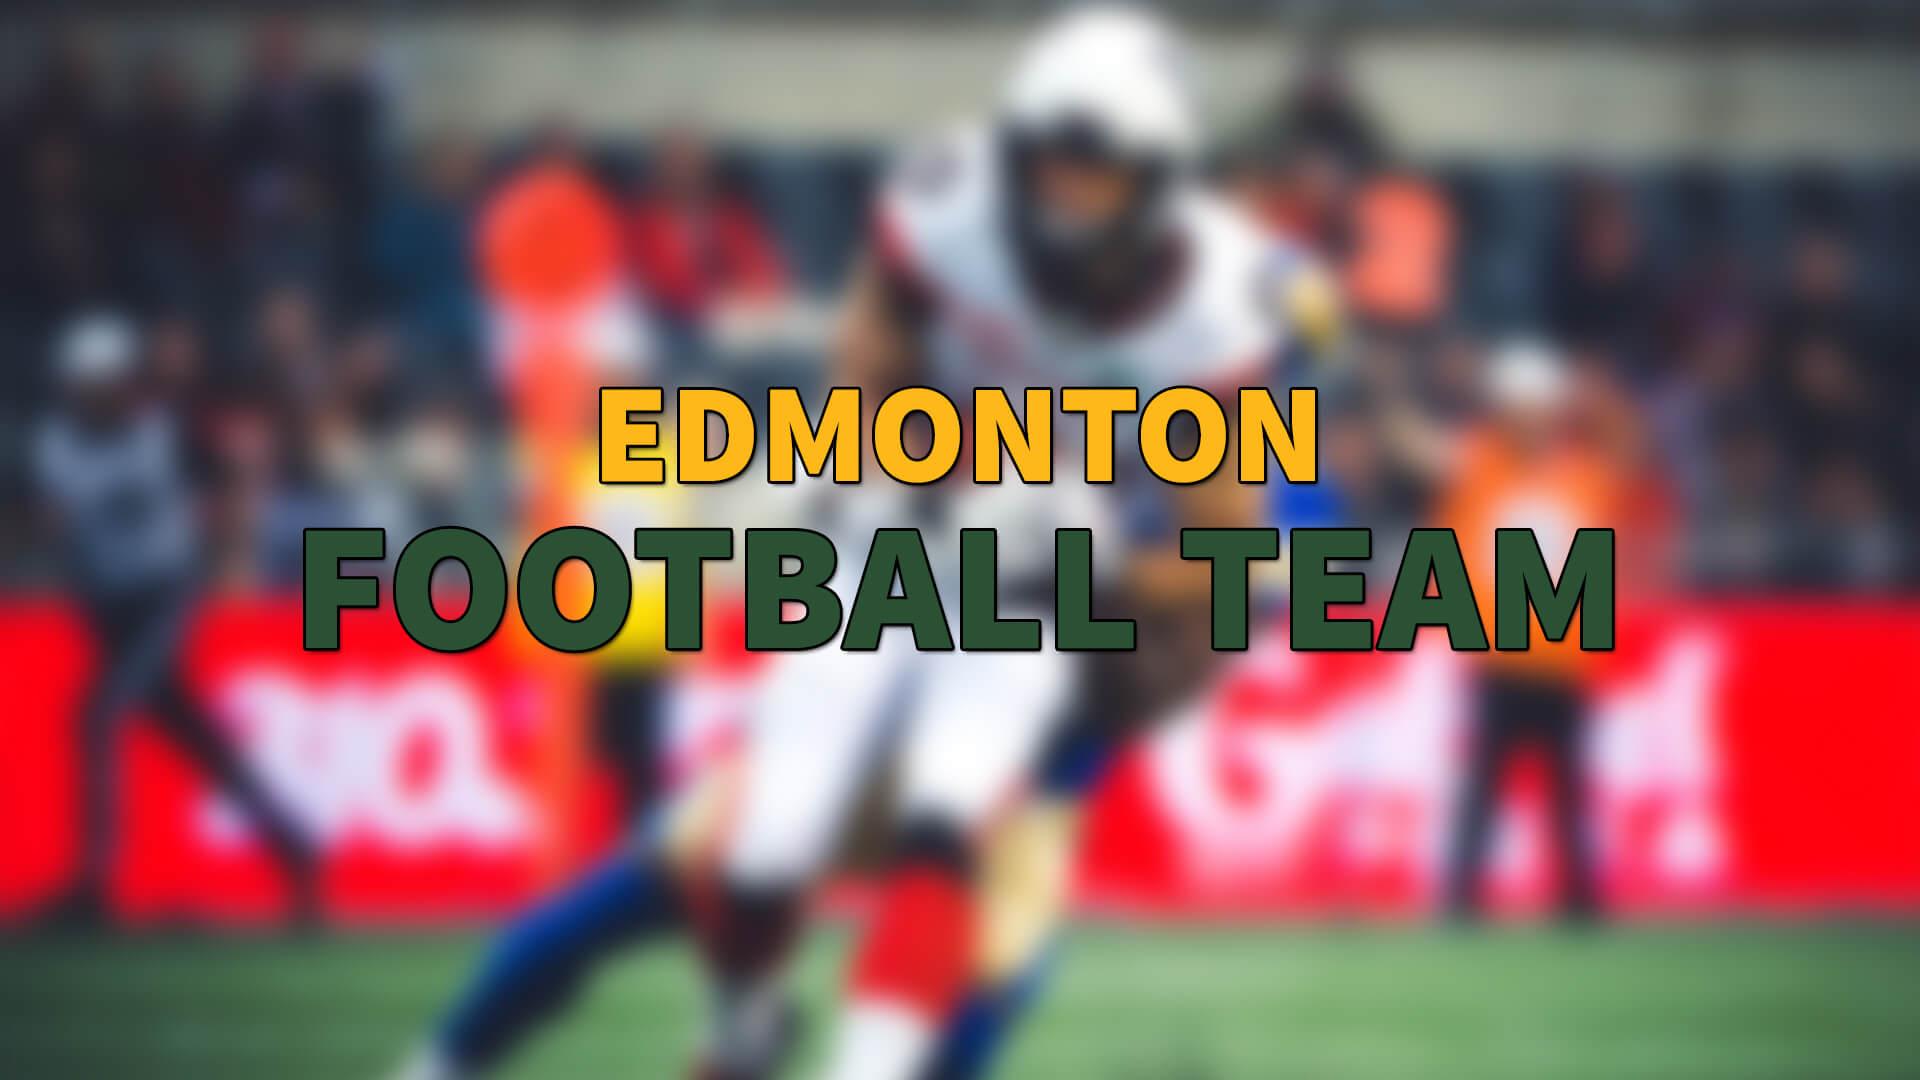 EE Football Team Greg Ellingson 'ı Bırakmadı | Korumalı Futbol Türkiye